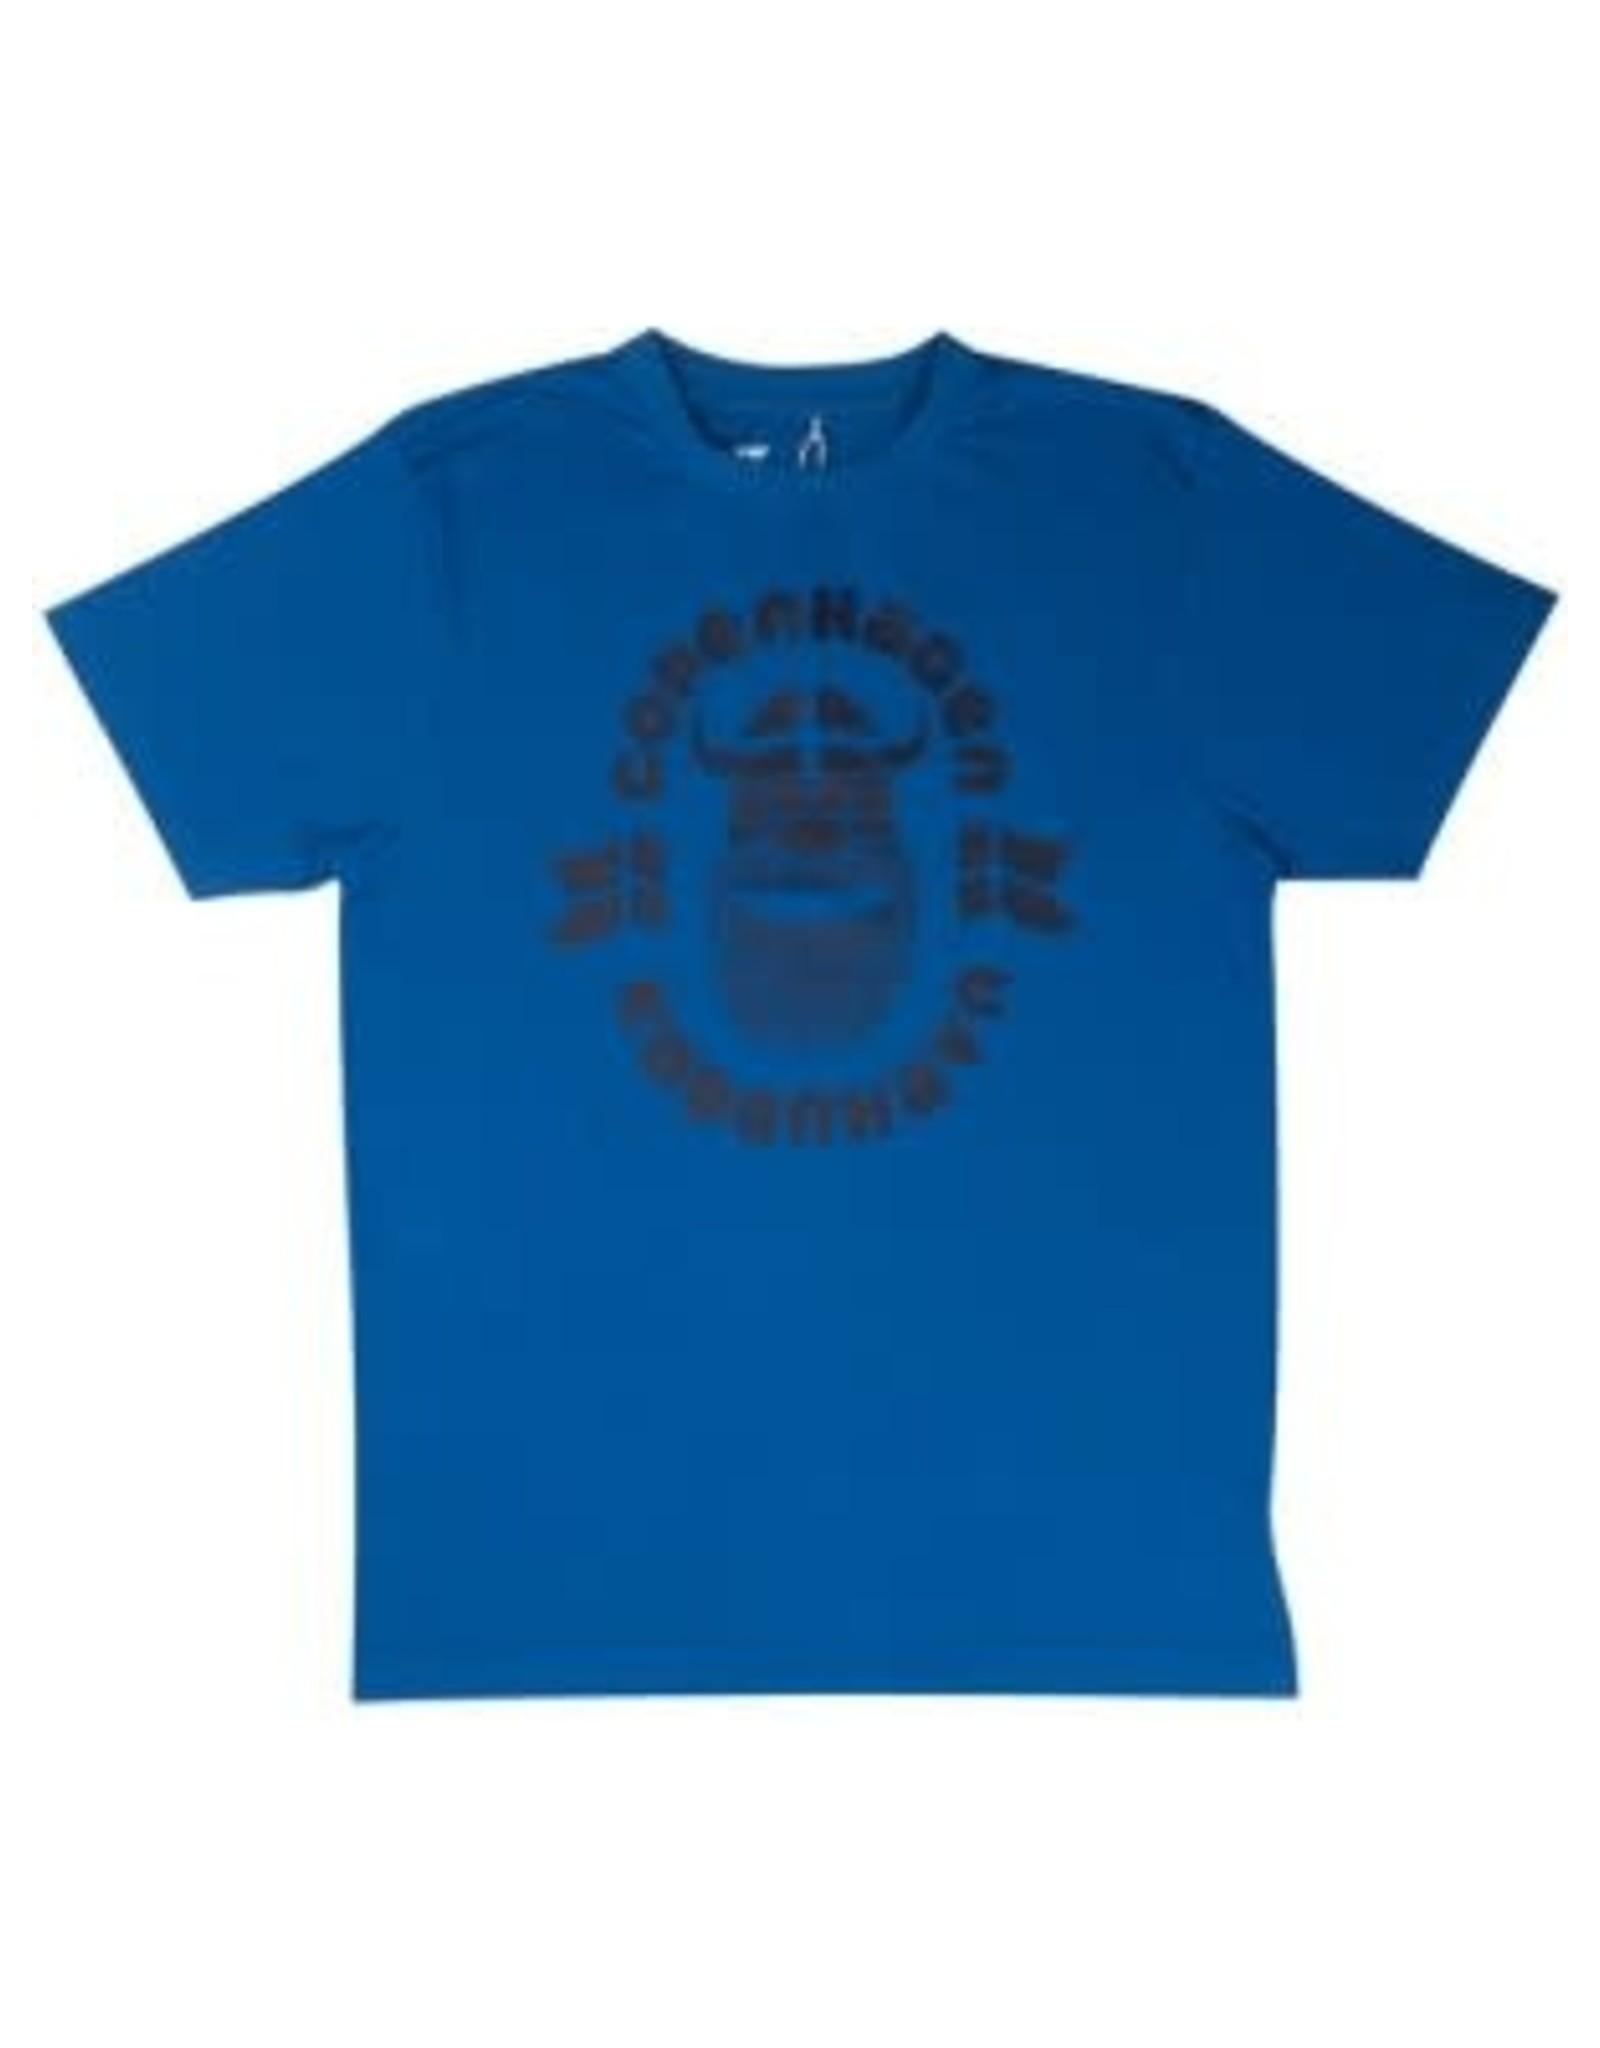 Danefae VOLWASSENEN Danefae T-shirt Blauw Kopenhagen